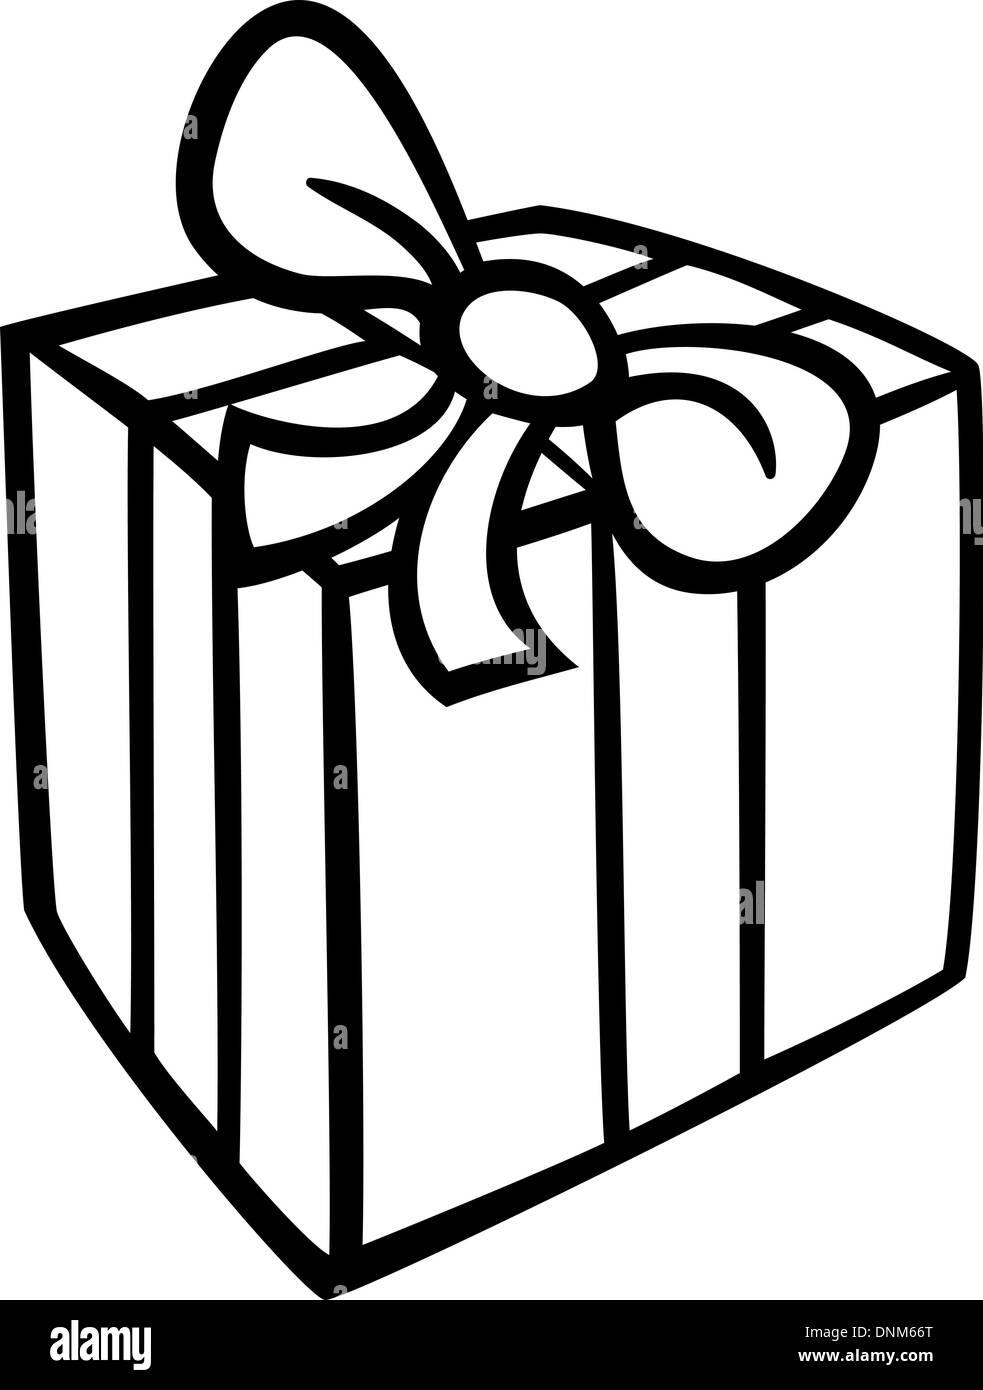 schwarz wei cartoon illustration der weihnachts oder geburtstagsgeschenk oder geschenk. Black Bedroom Furniture Sets. Home Design Ideas